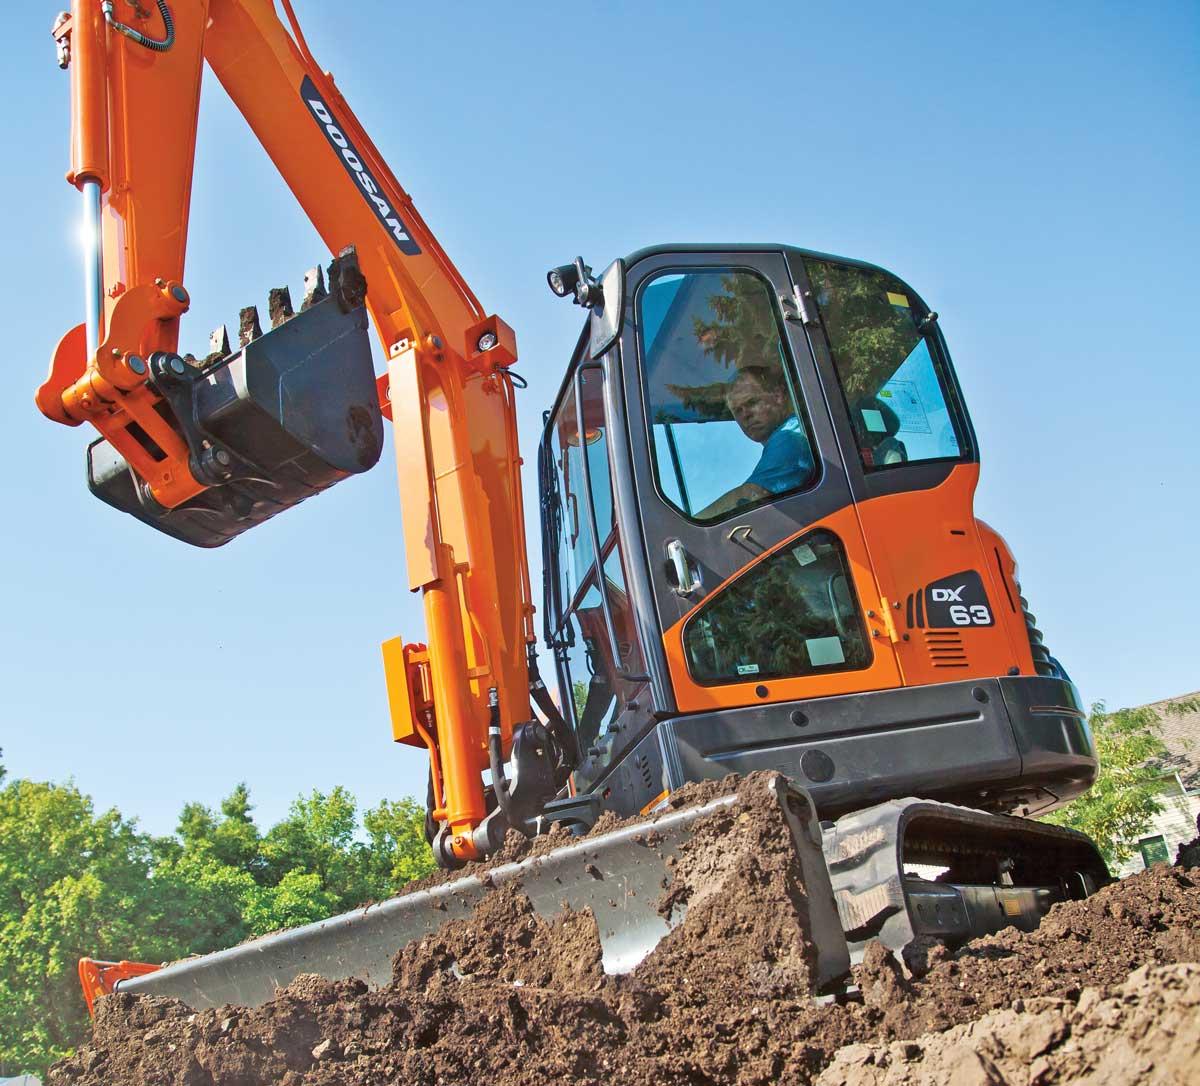 Doosan DX63 excavator